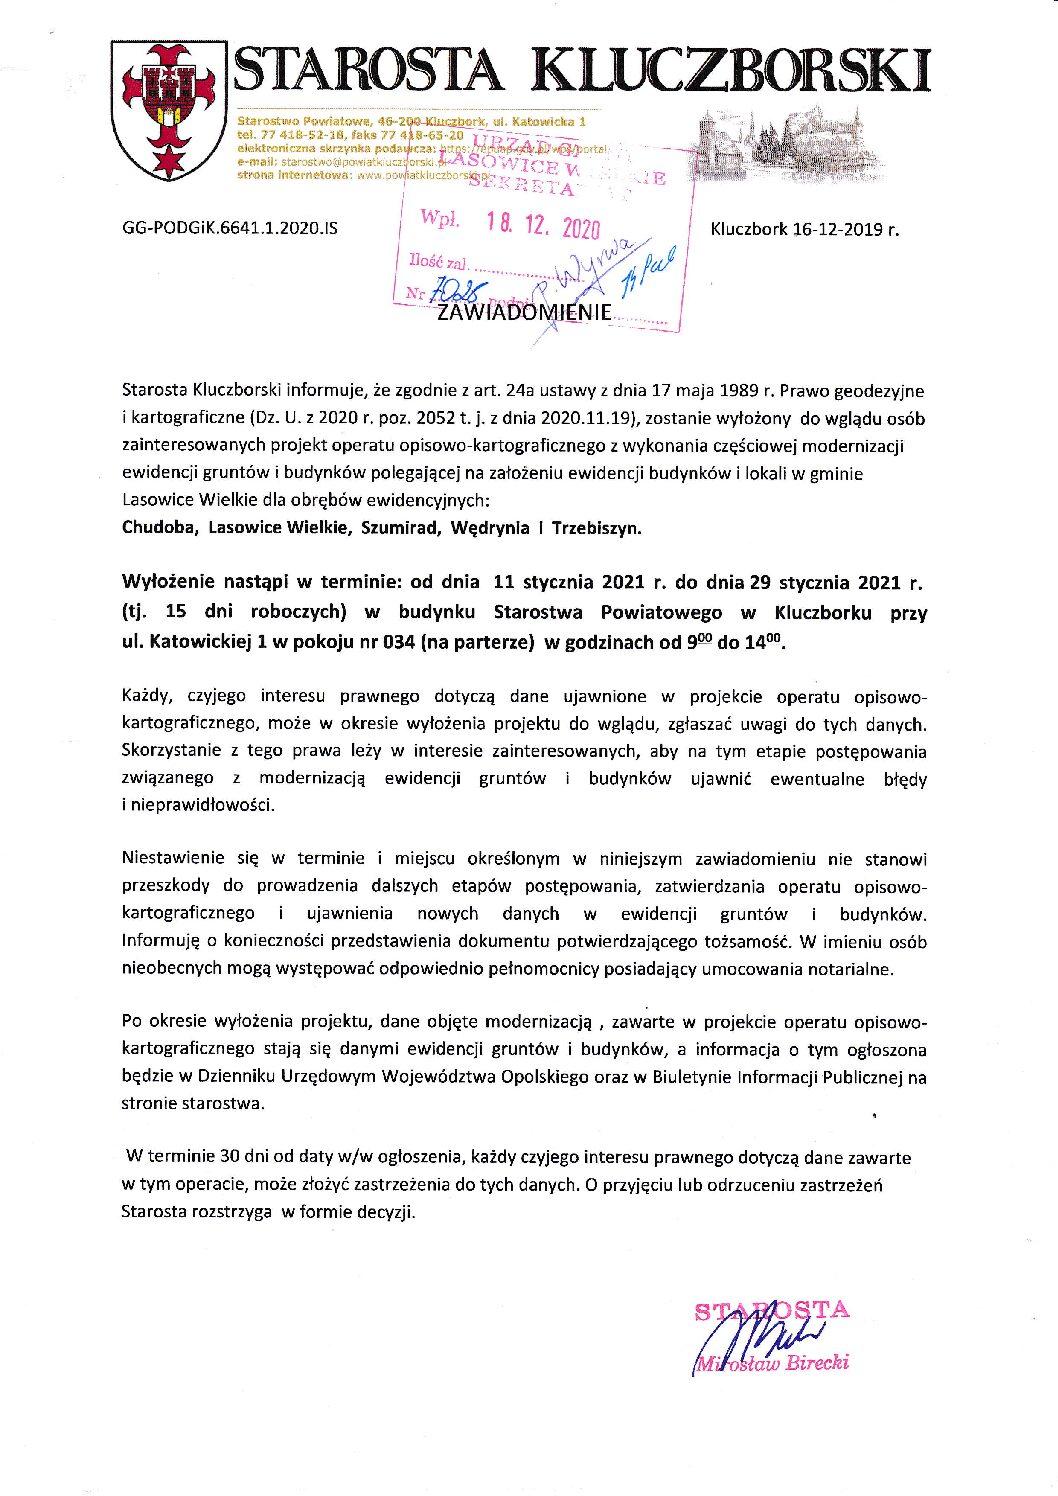 Wyłożenie projektu operatu opisowo-kartograficznego dot. miejscowości Chudoba, Lasowice Wielkie, Szumirad, Wędrynia iTrzebiszyn.